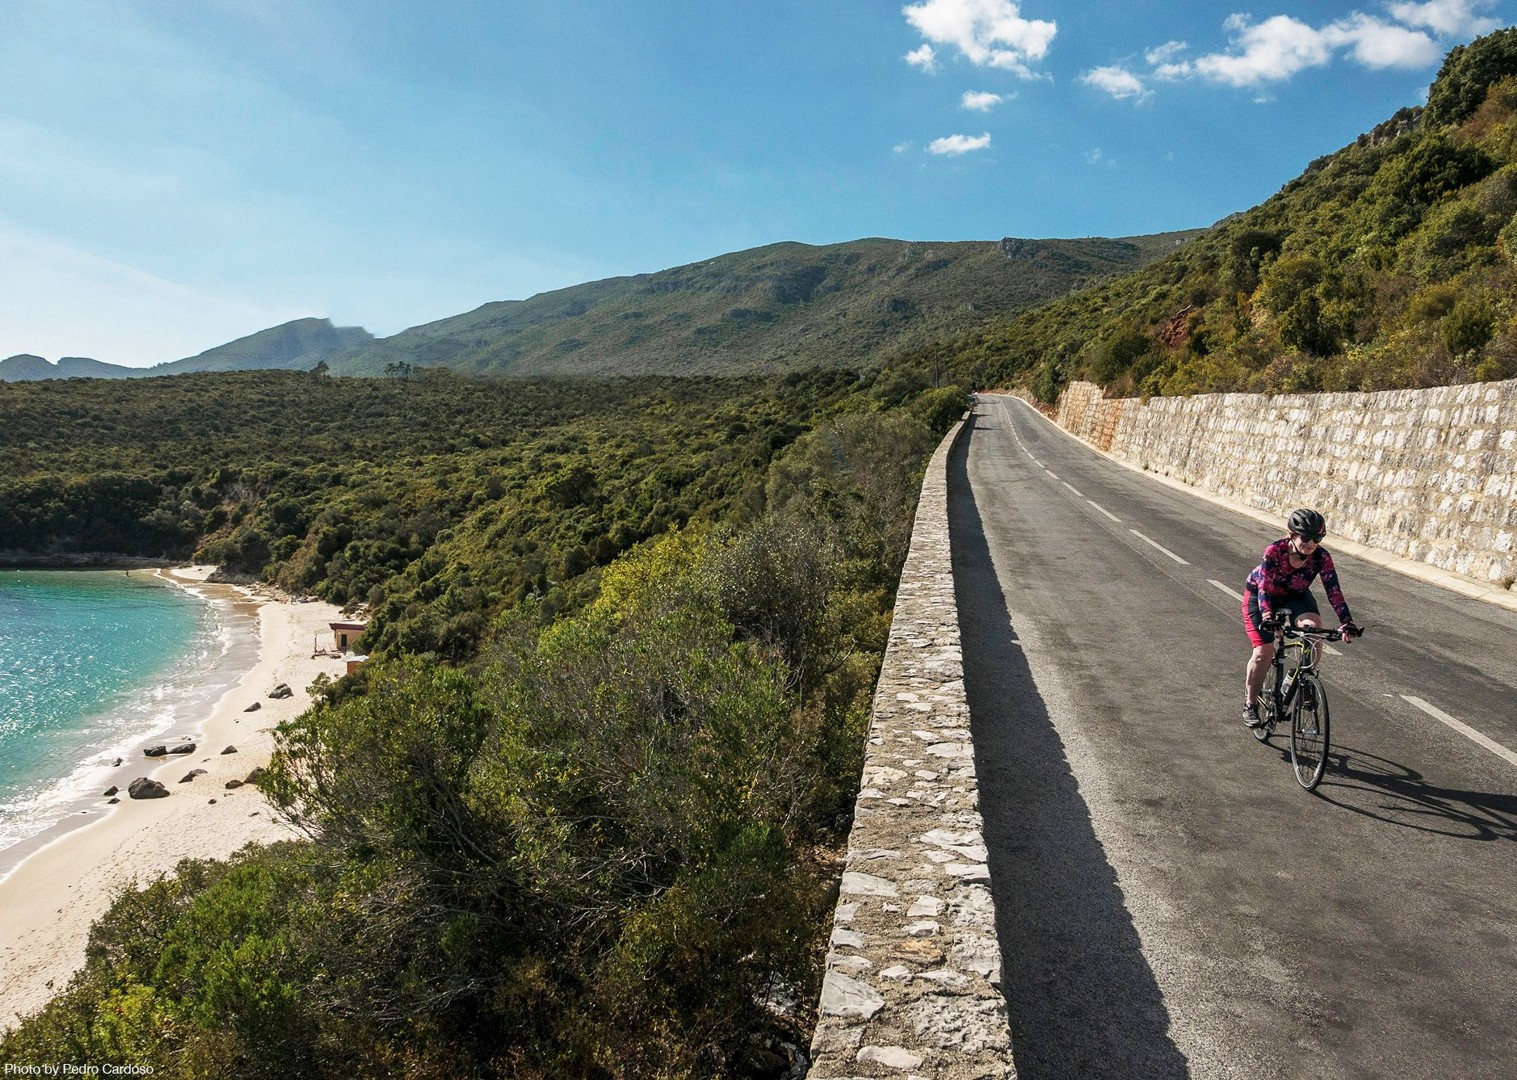 coastal-atlantic-escape-portugal-road-cycling.jpg - Portugal - Atlantic Escape - Guided Road Cycling Holiday - Road Cycling